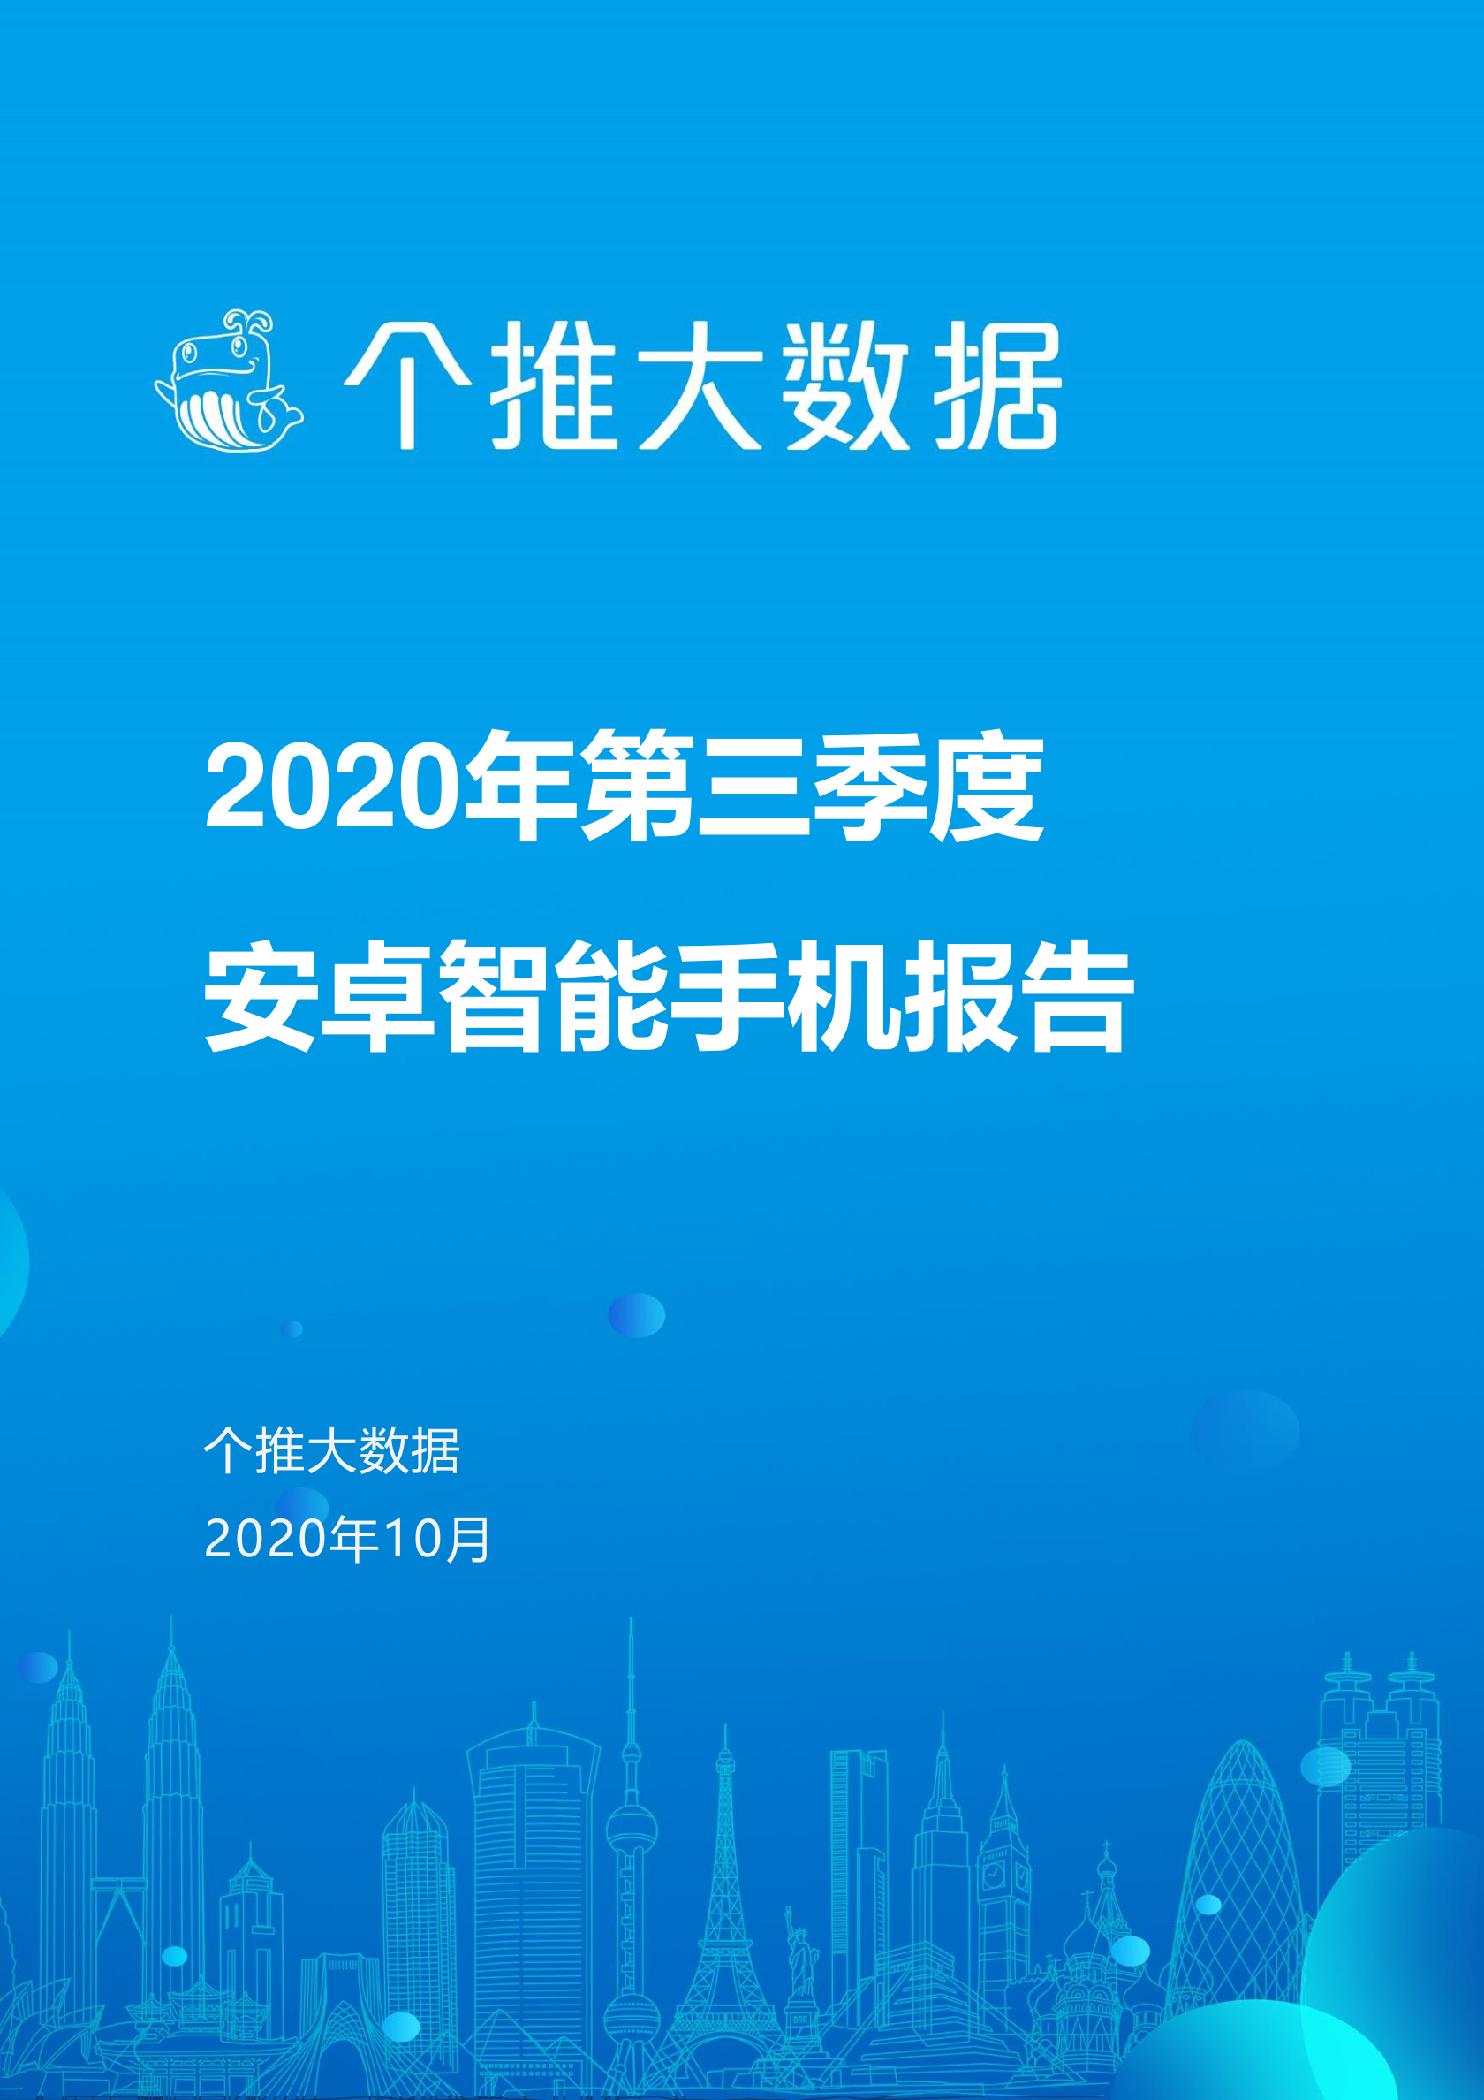 2020年第三季度安卓智能手机报告